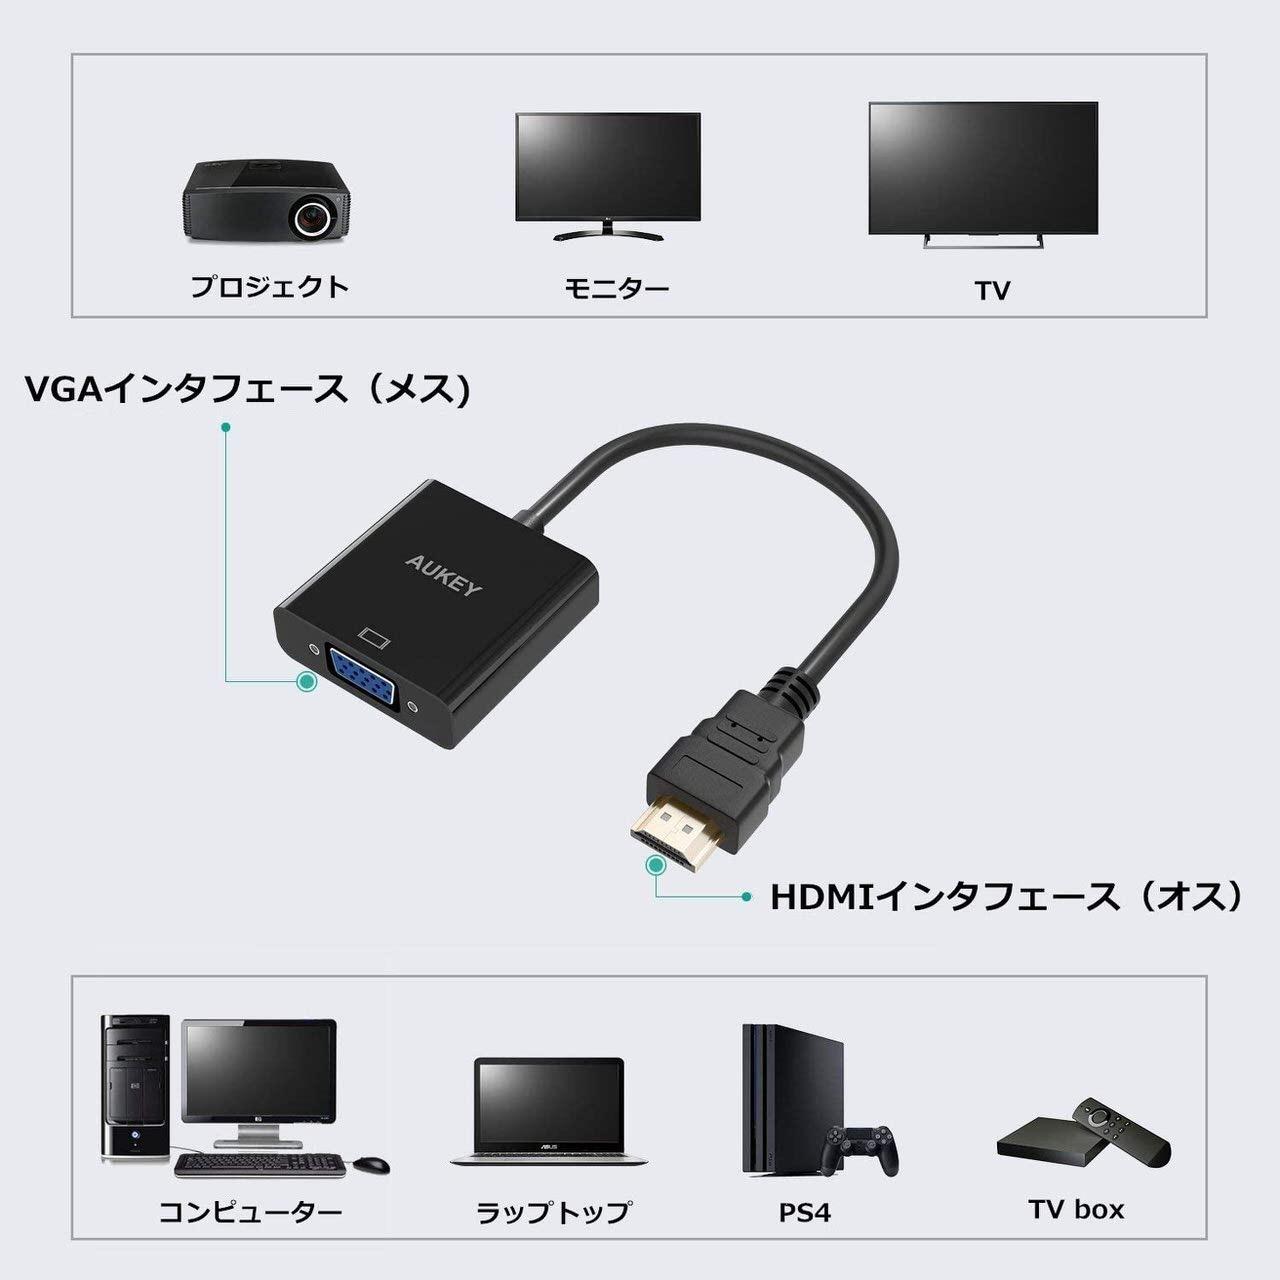 挿し込むだけで簡単に接続可能なHDMI-VGA変換アダプター「AUKEY CB-V4」25%オフで899円に